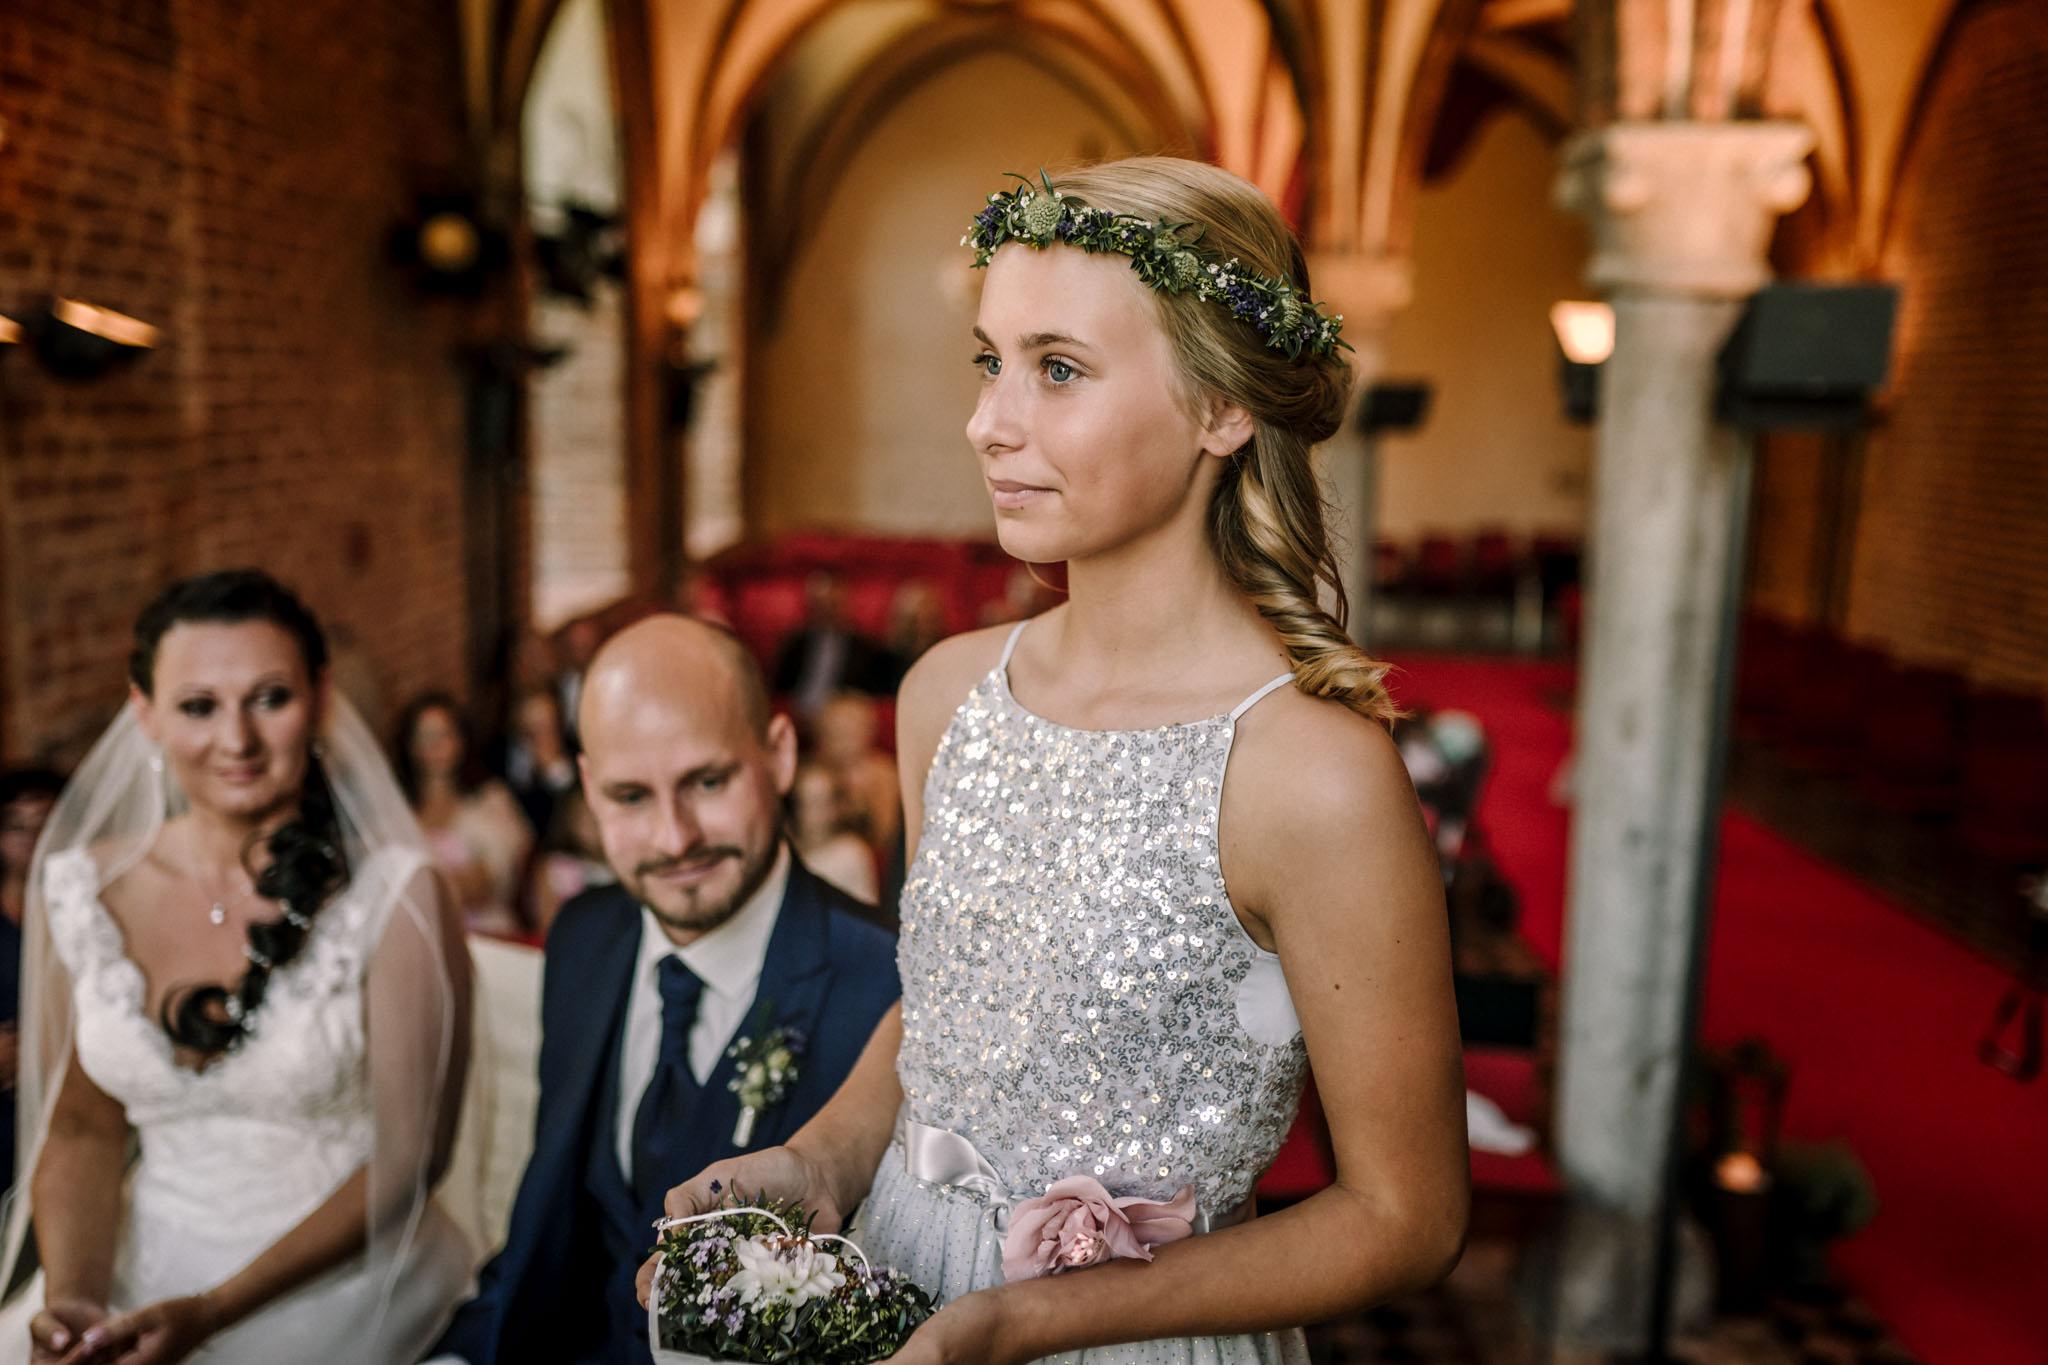 Hochzeitsfieber by Photo-Schomburg, Hochzeitsfotograf, Hamburg,Hochzeitstag, Hochzeitspaar, Braut, Bräutigam, Literaturhauscafe Zarrentin-35